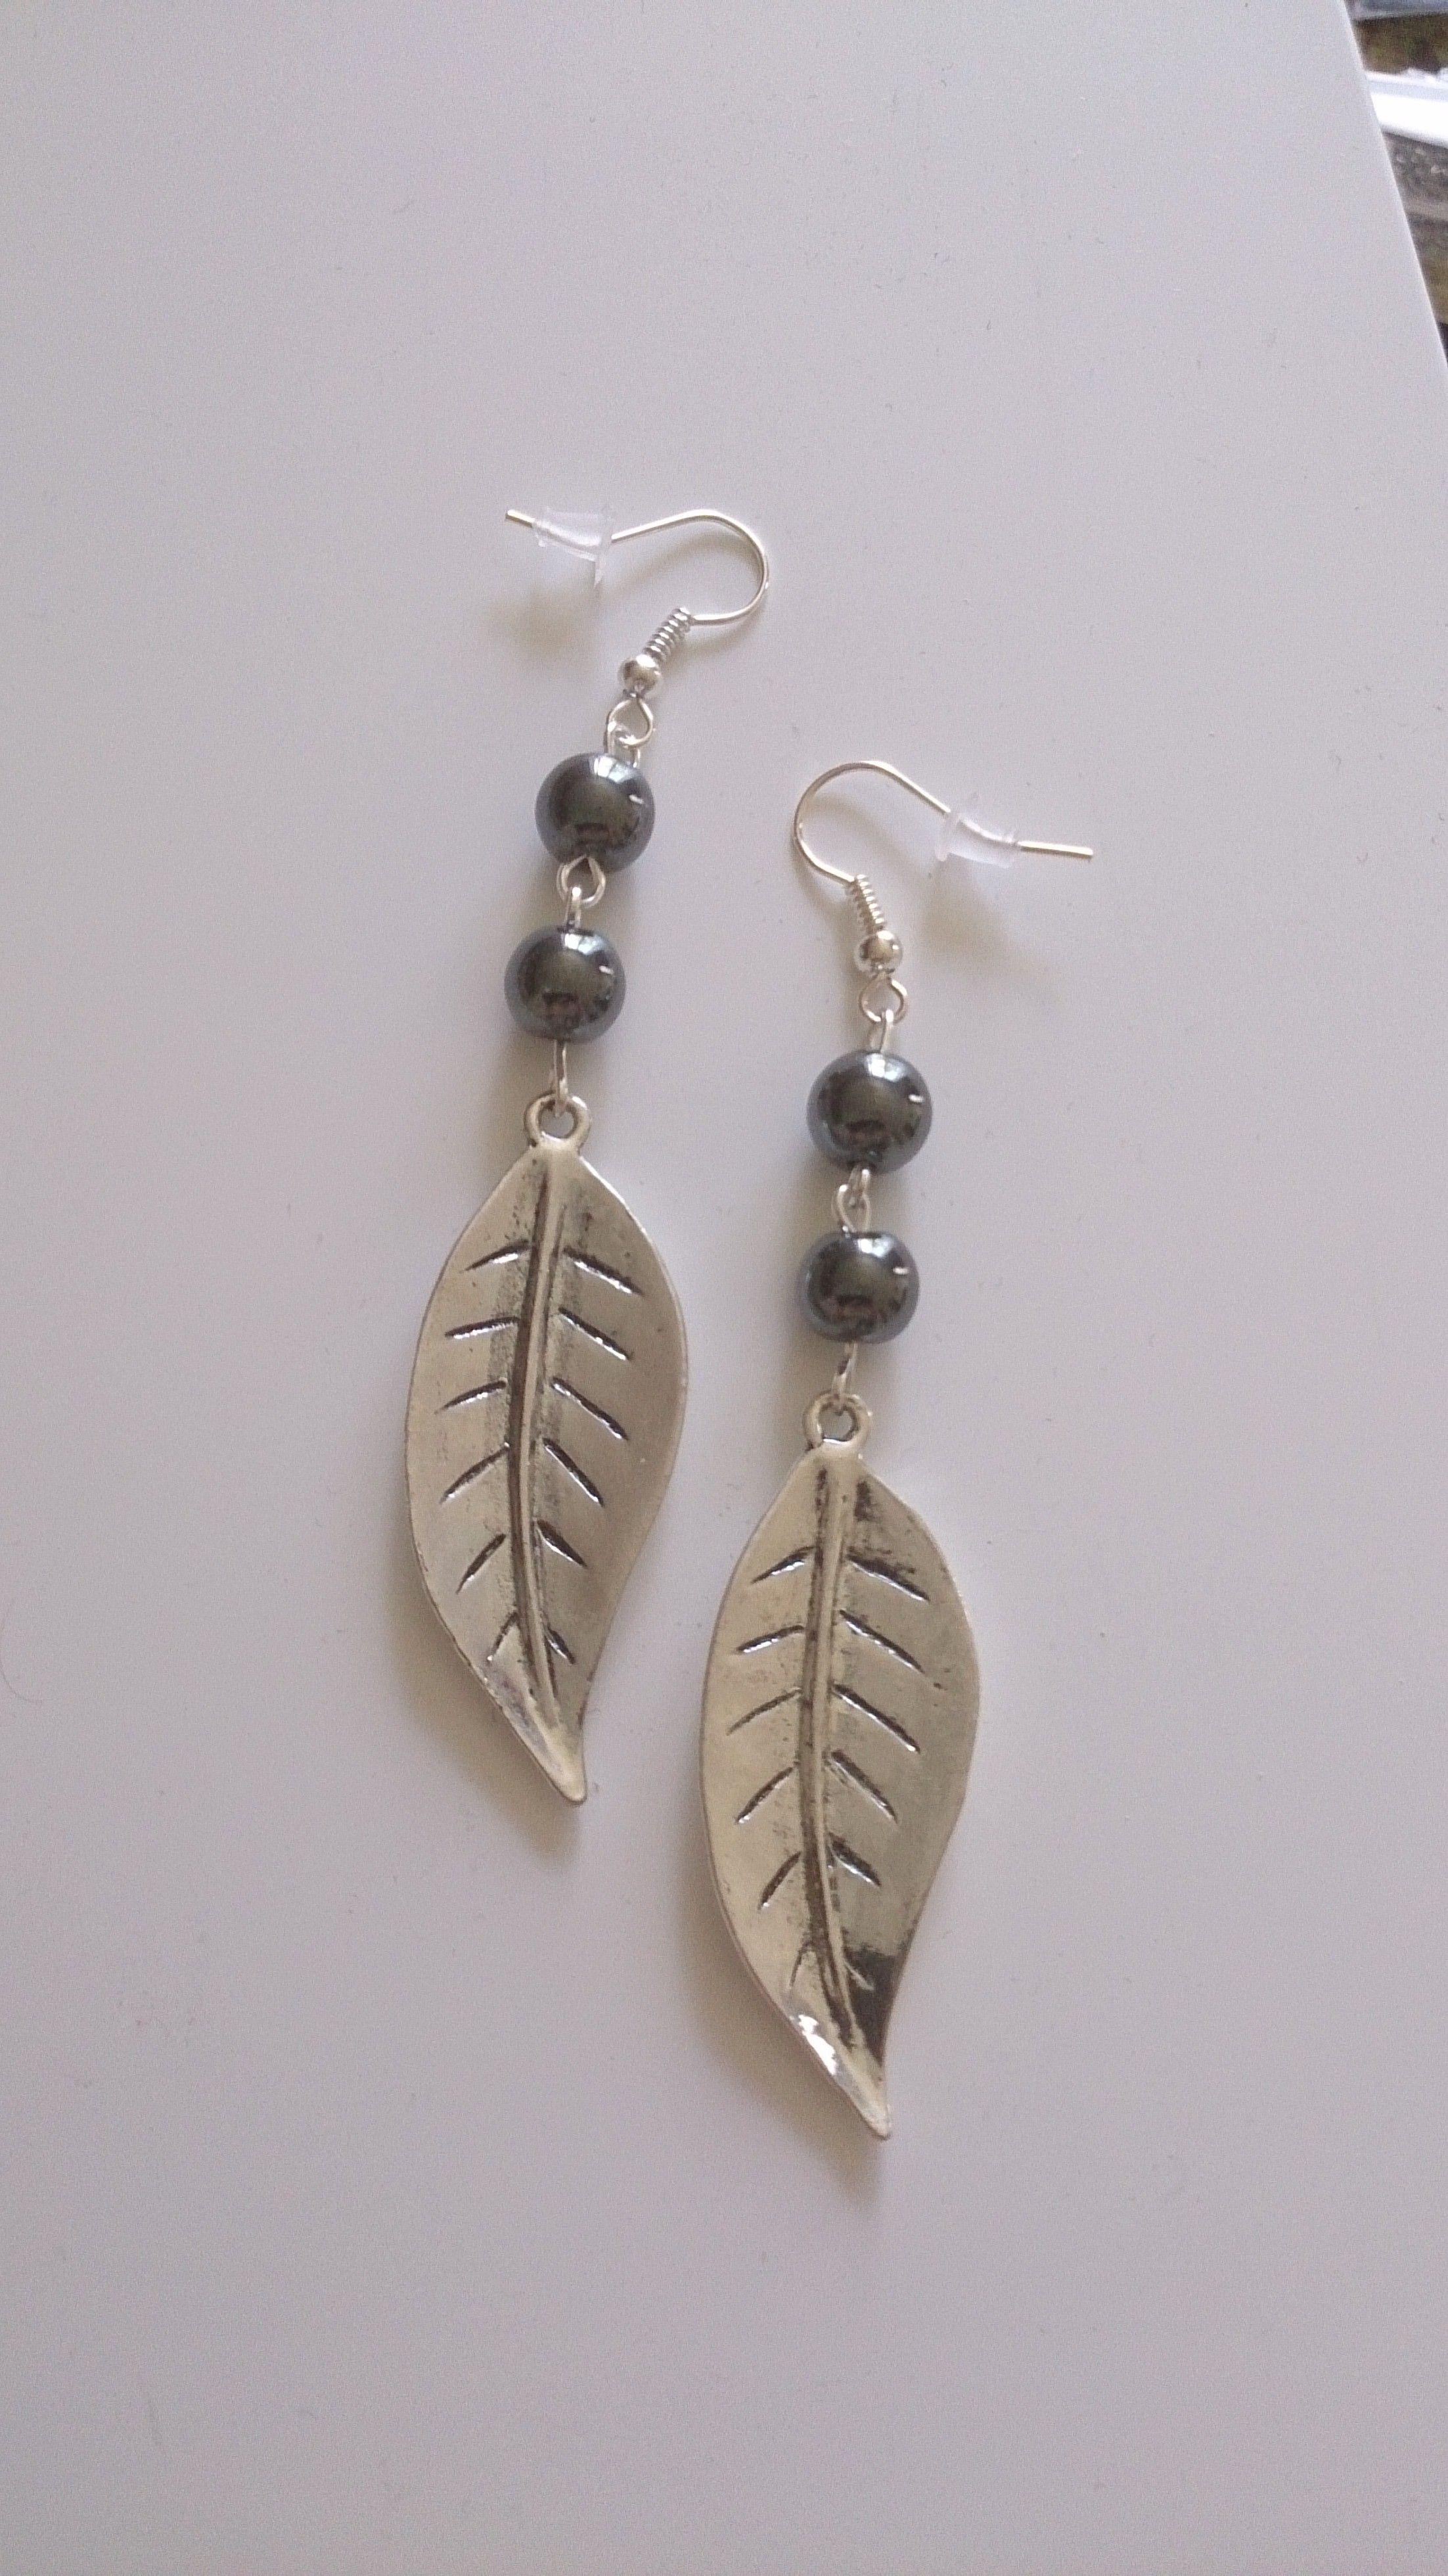 Boucles d 39 oreilles jewelry ideas pinterest oreilles boucles et bijou - Faire des bijoux ...